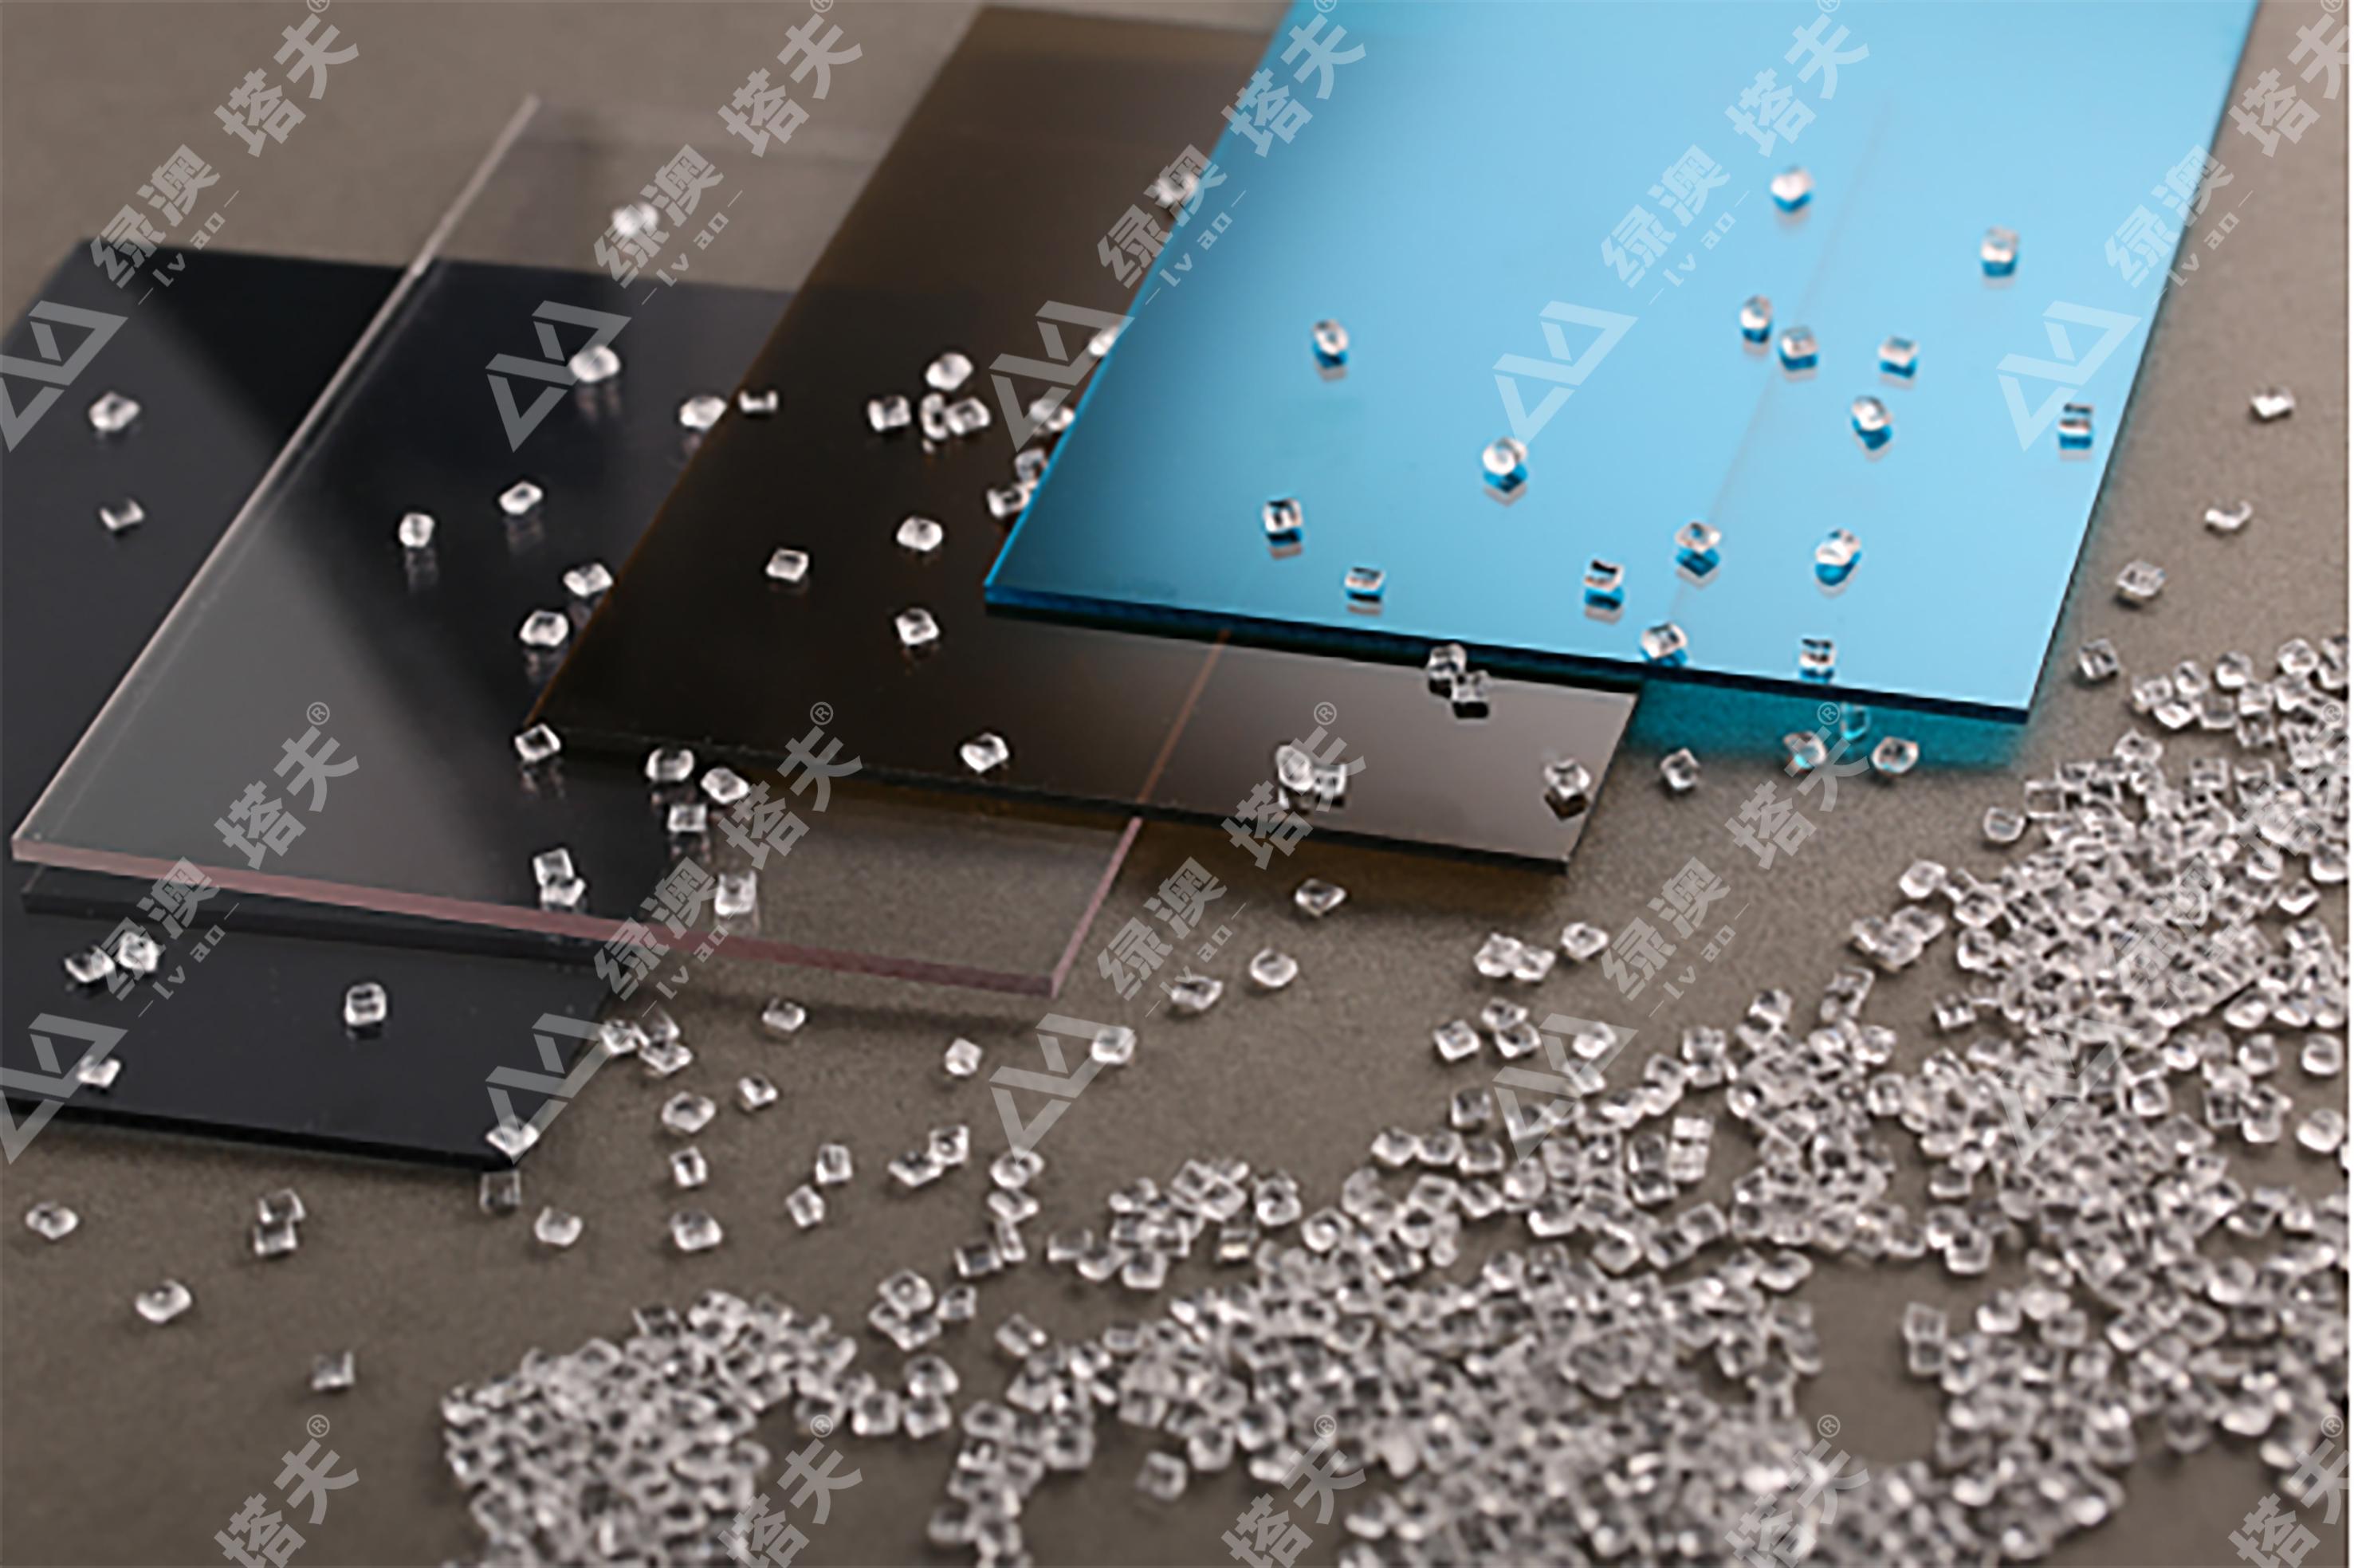 聚碳酸酯,PC板材厂家--上海绿澳新材料科技有限公司